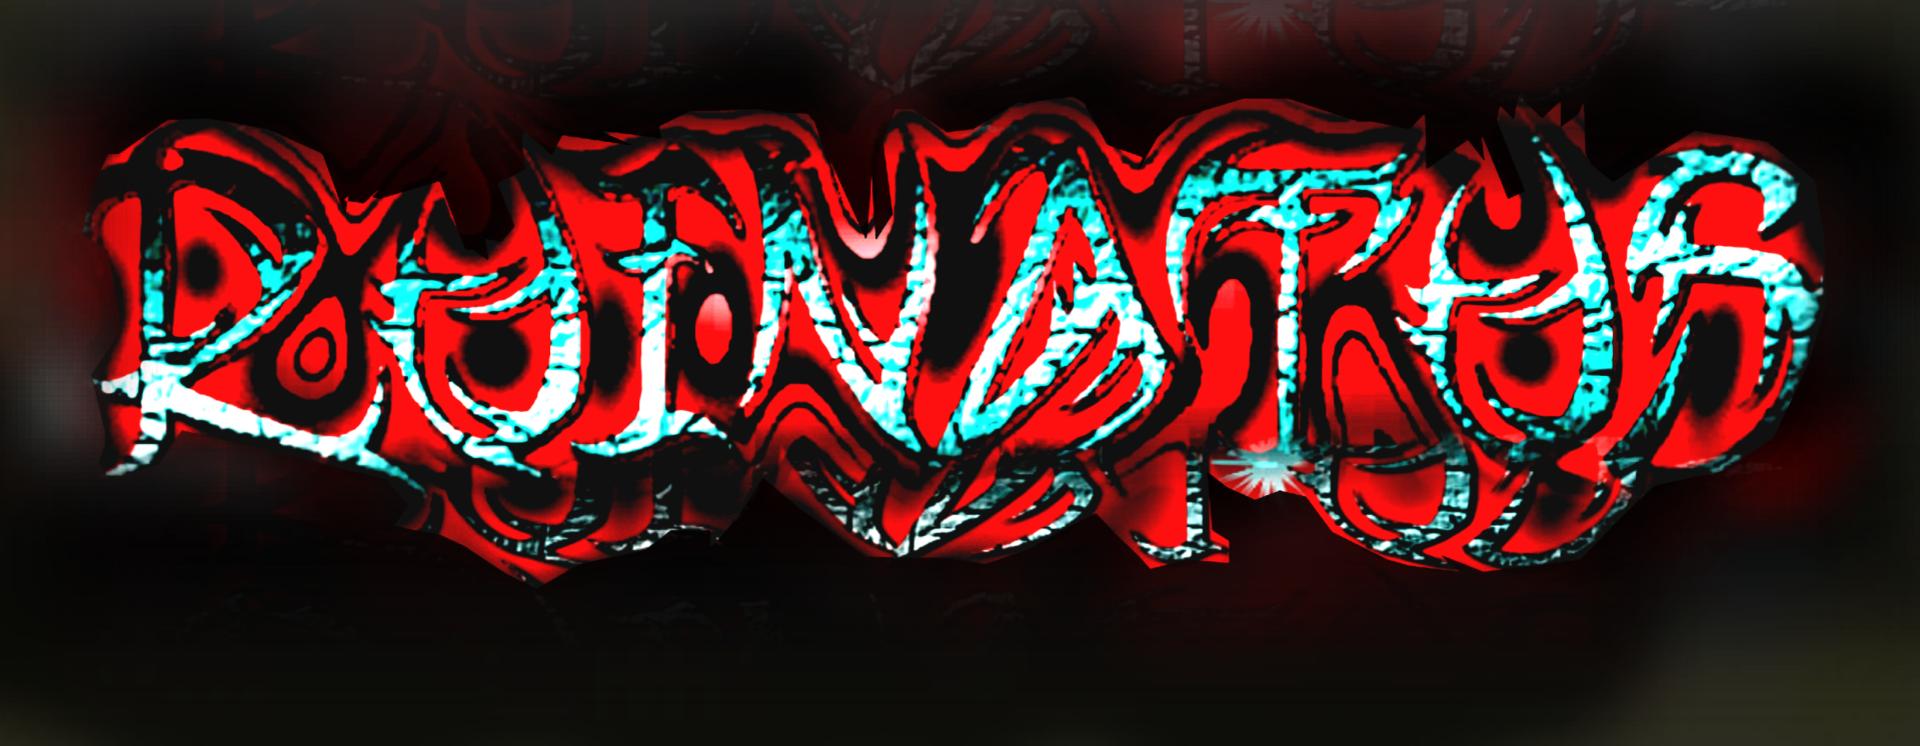 Ruinatus logo 3d copy